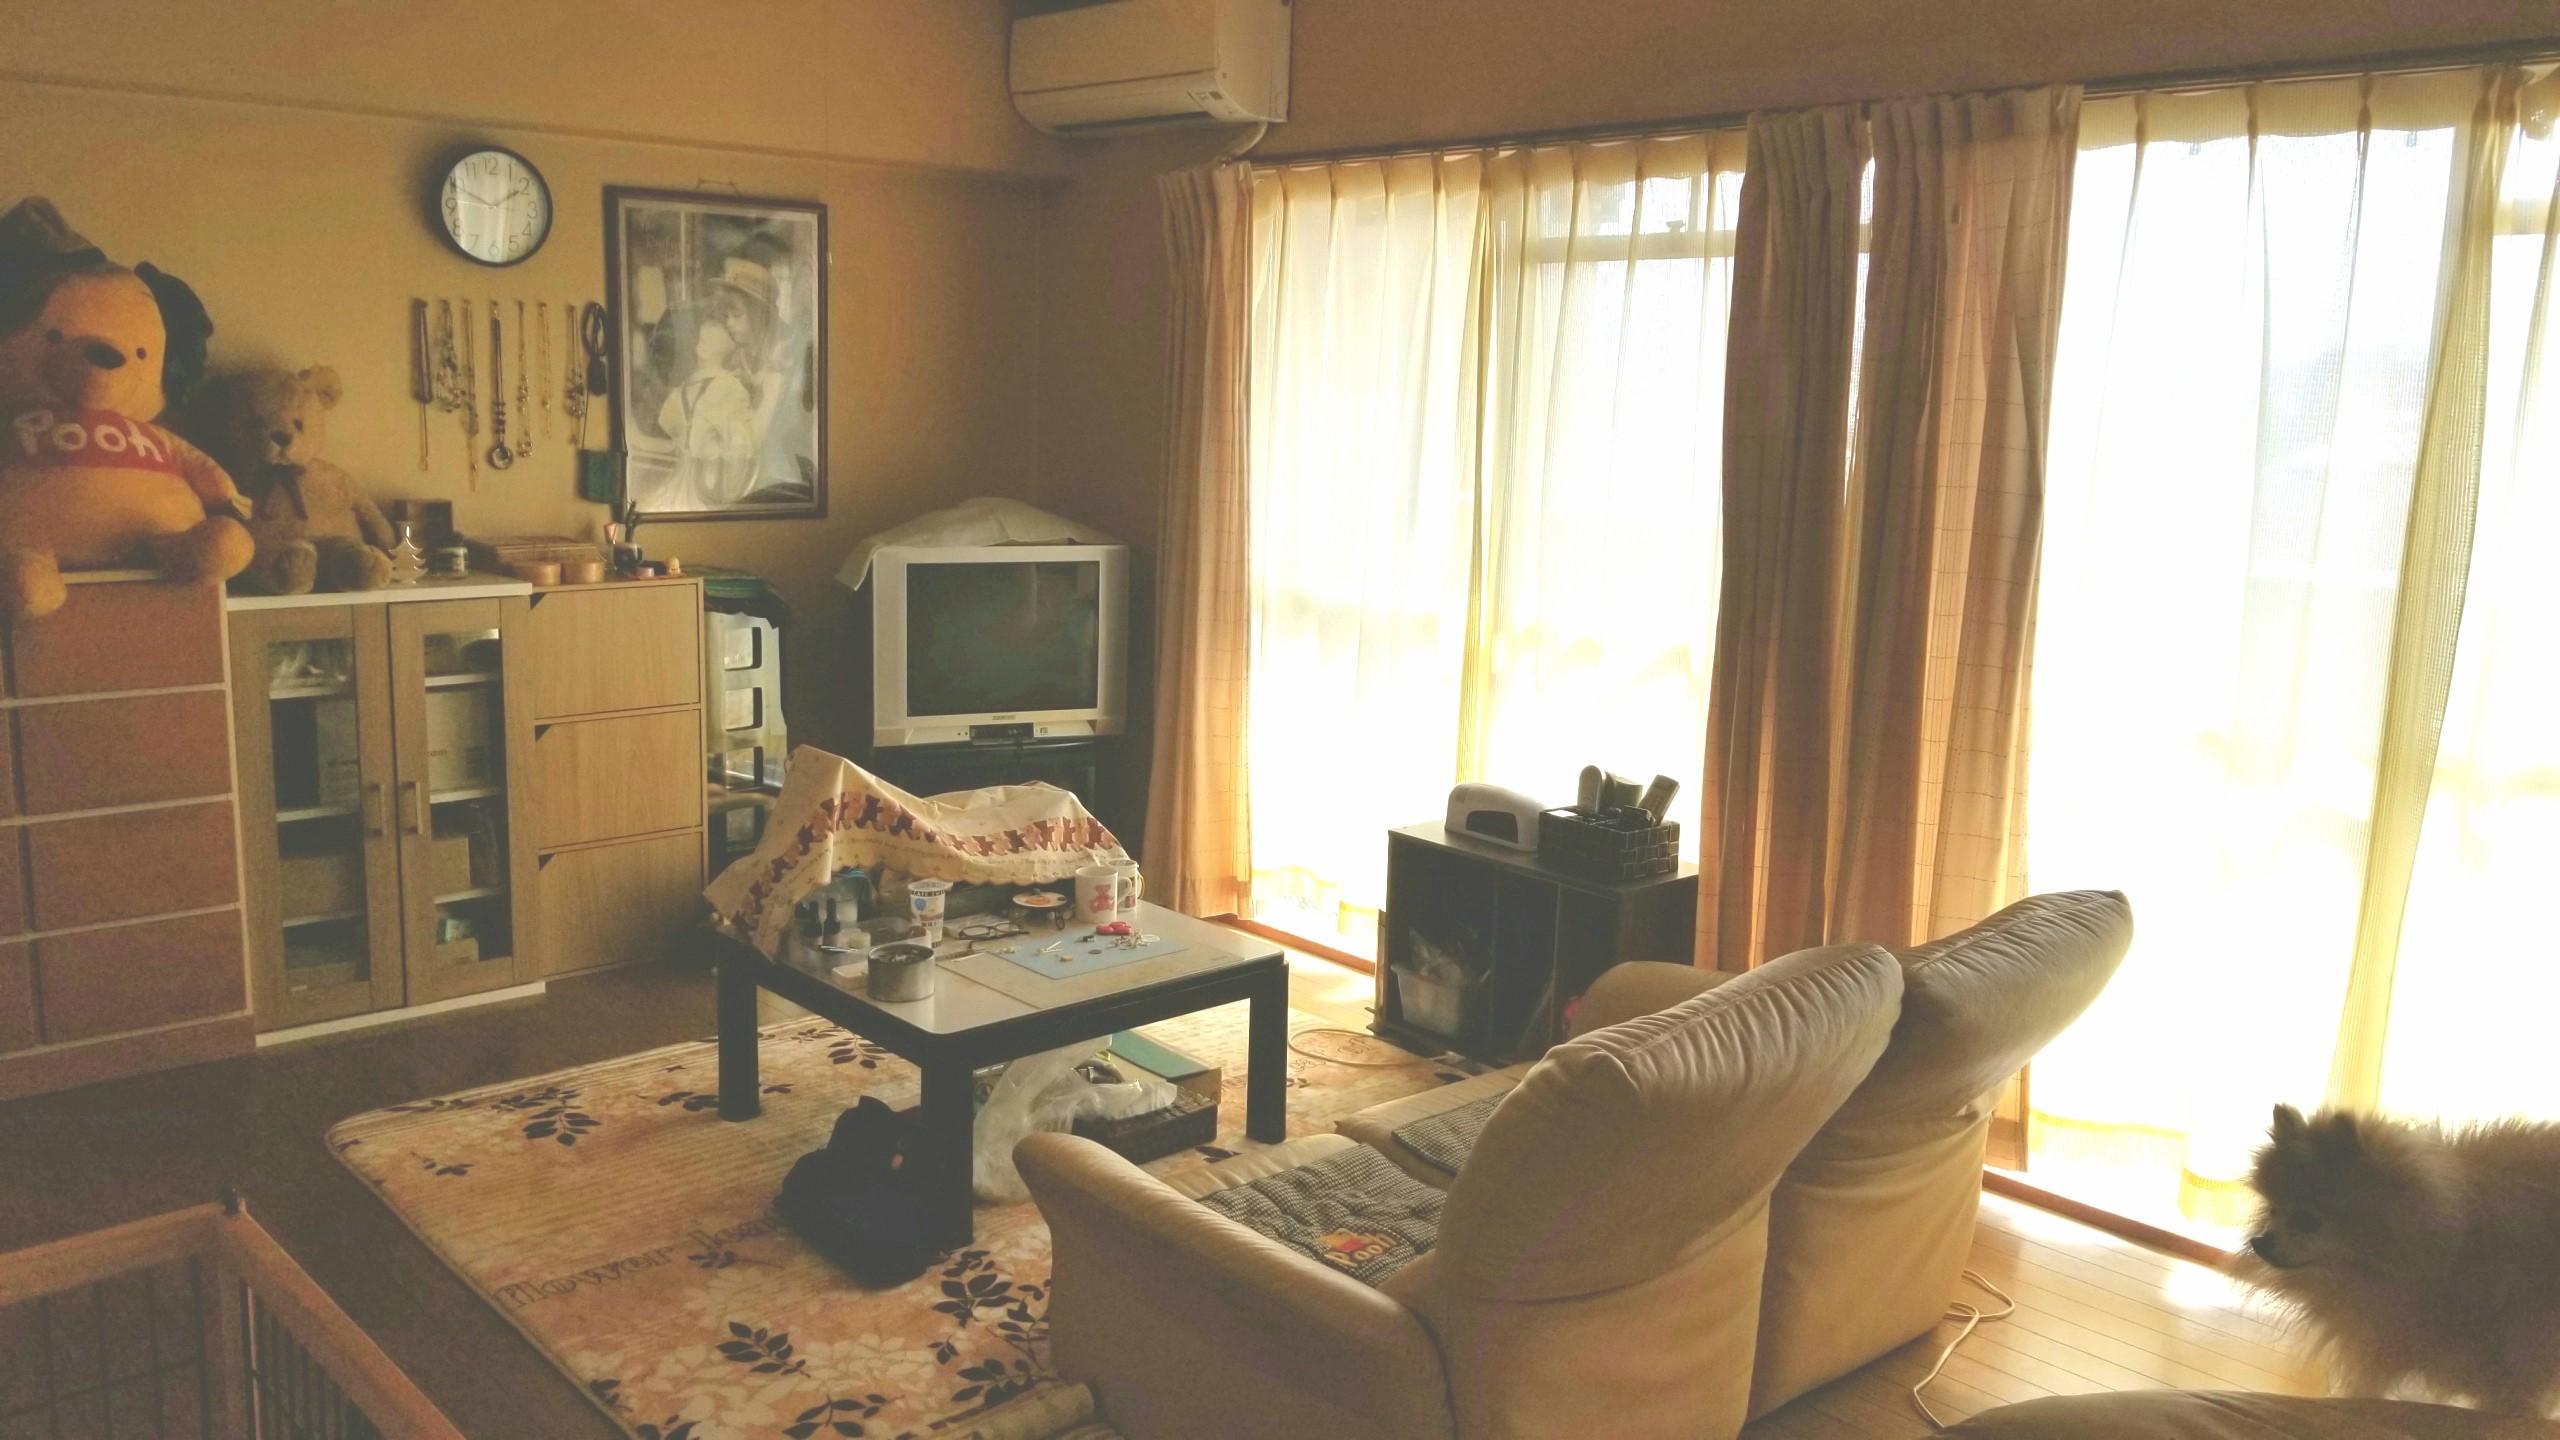 女子の部屋,ワンルーム模様替え,大掃除綺麗,ベージュで統一感のある